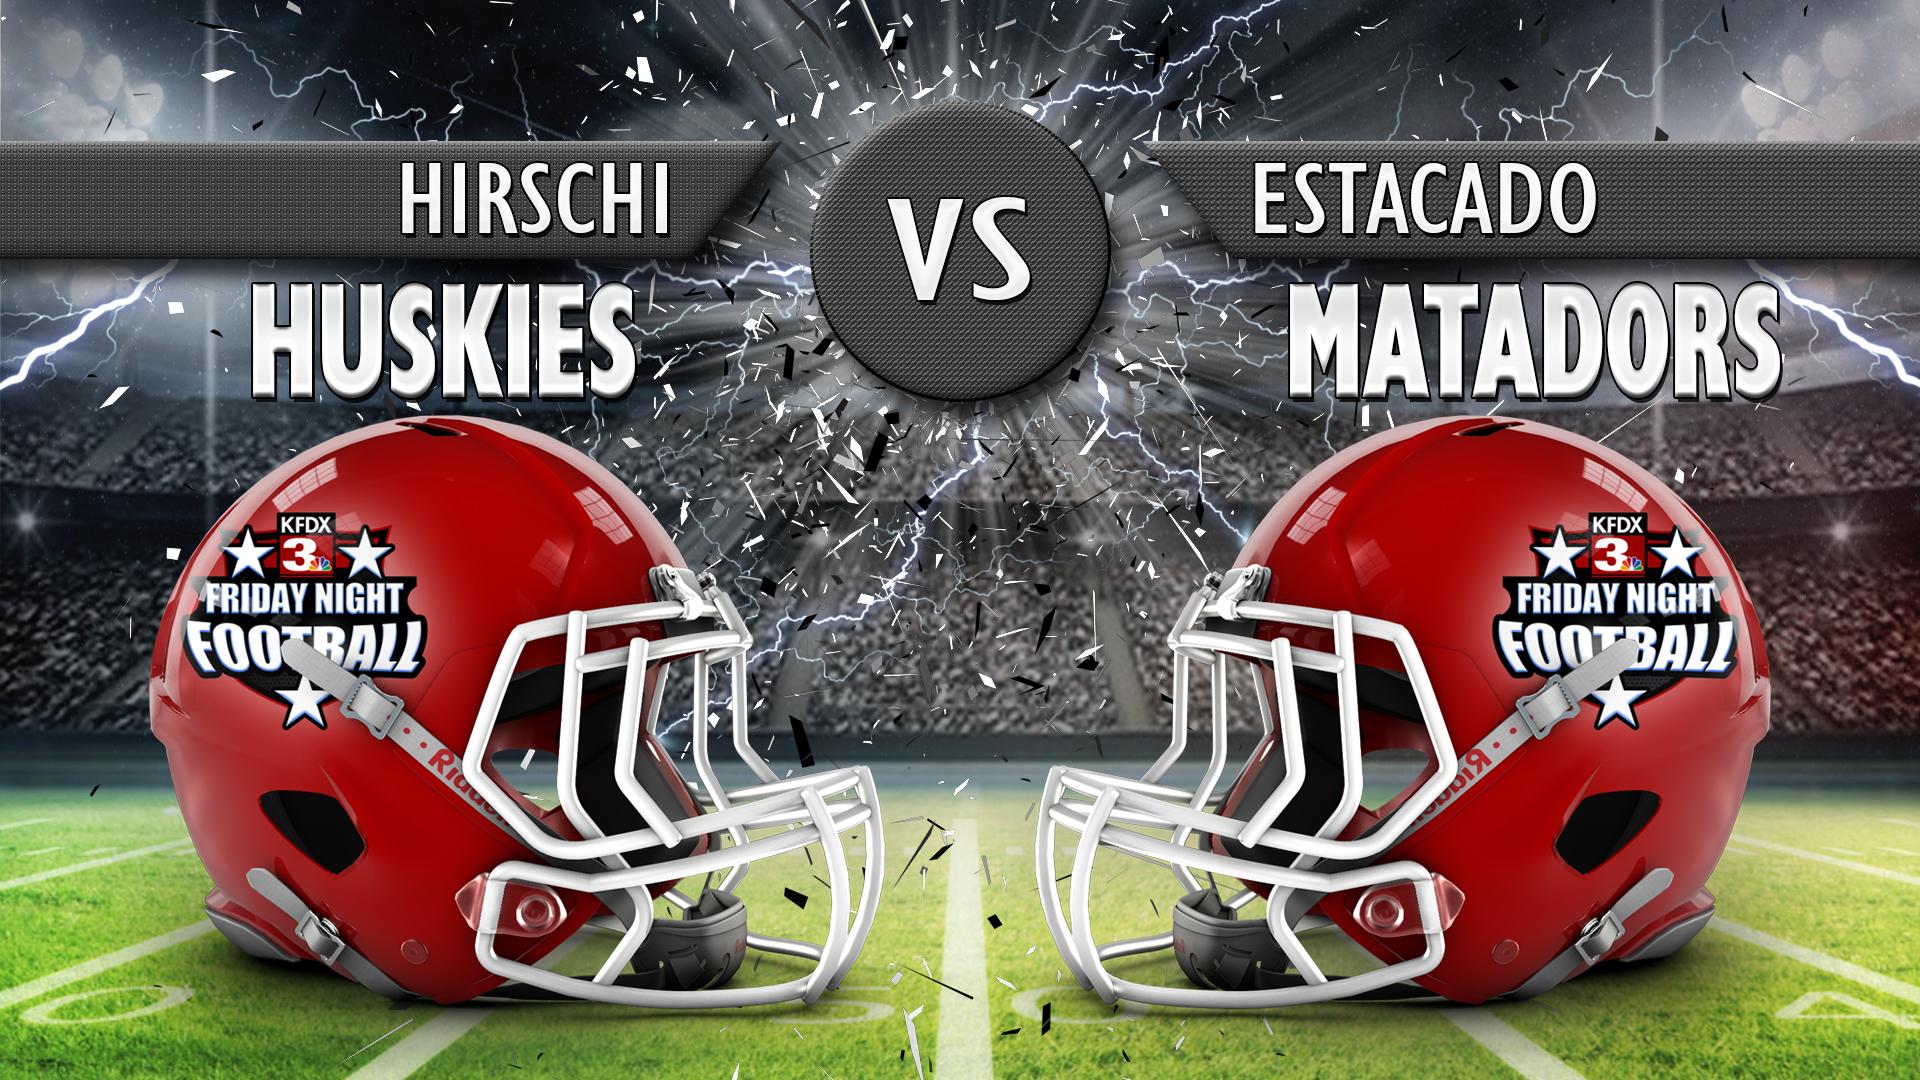 HIRSCHI VS ESTACADO_1511583591302.jpg